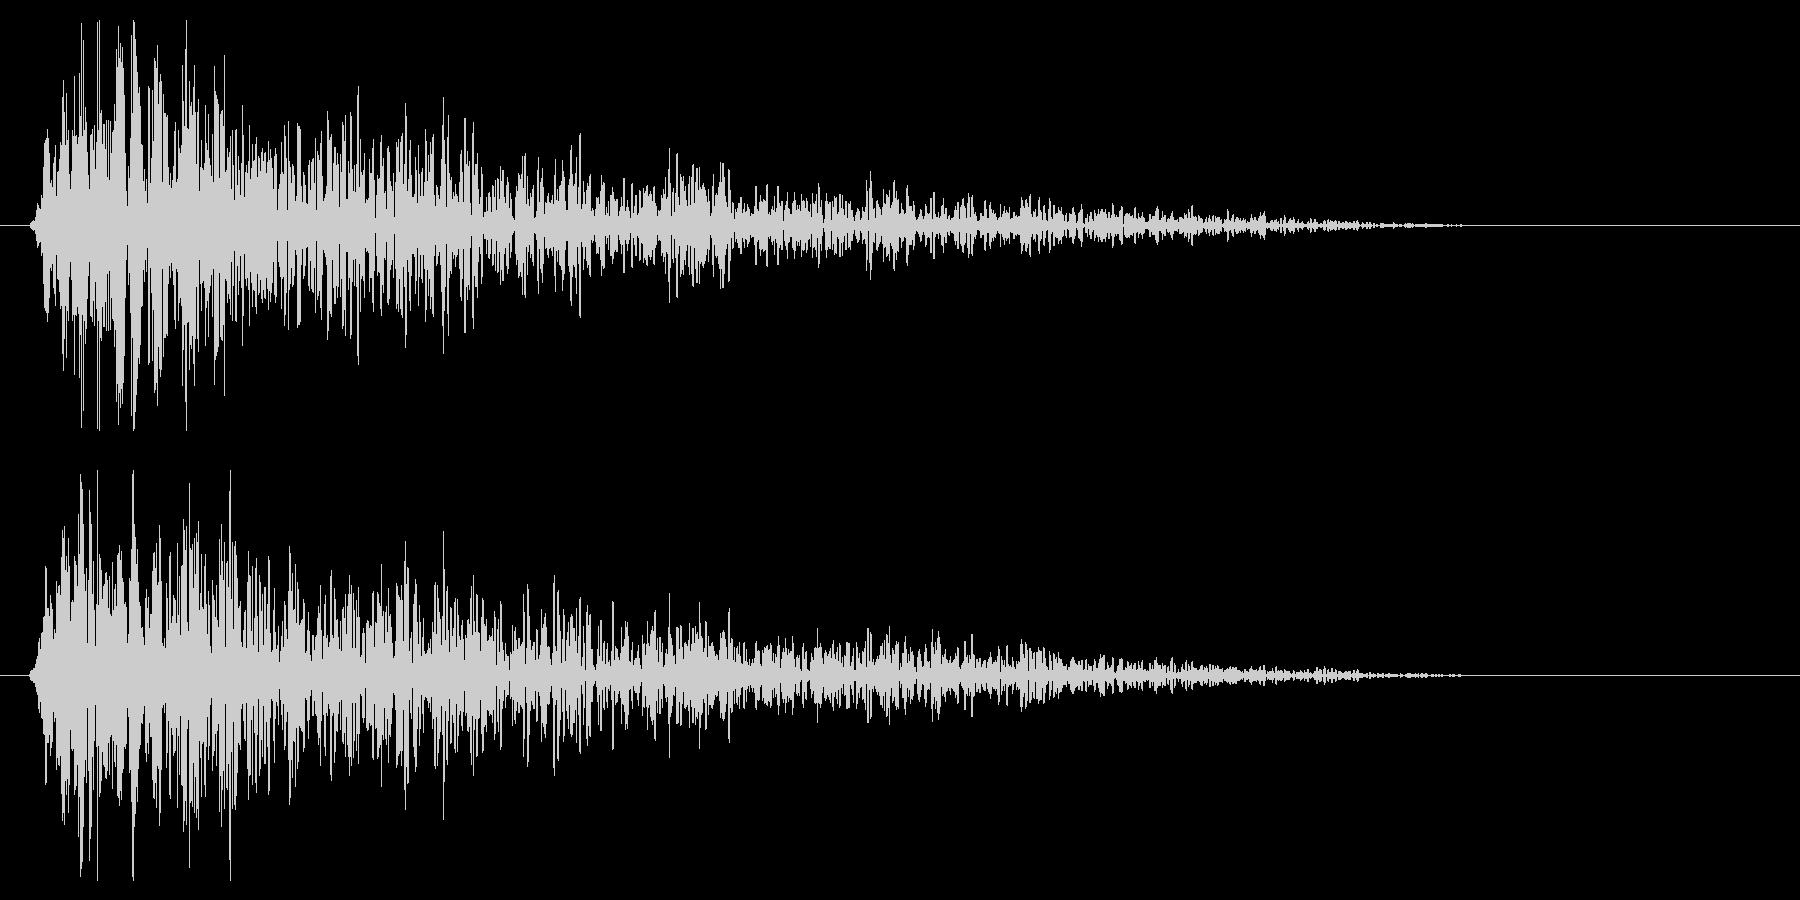 ガ〜ン(衝撃やショックを受けた時の音)の未再生の波形